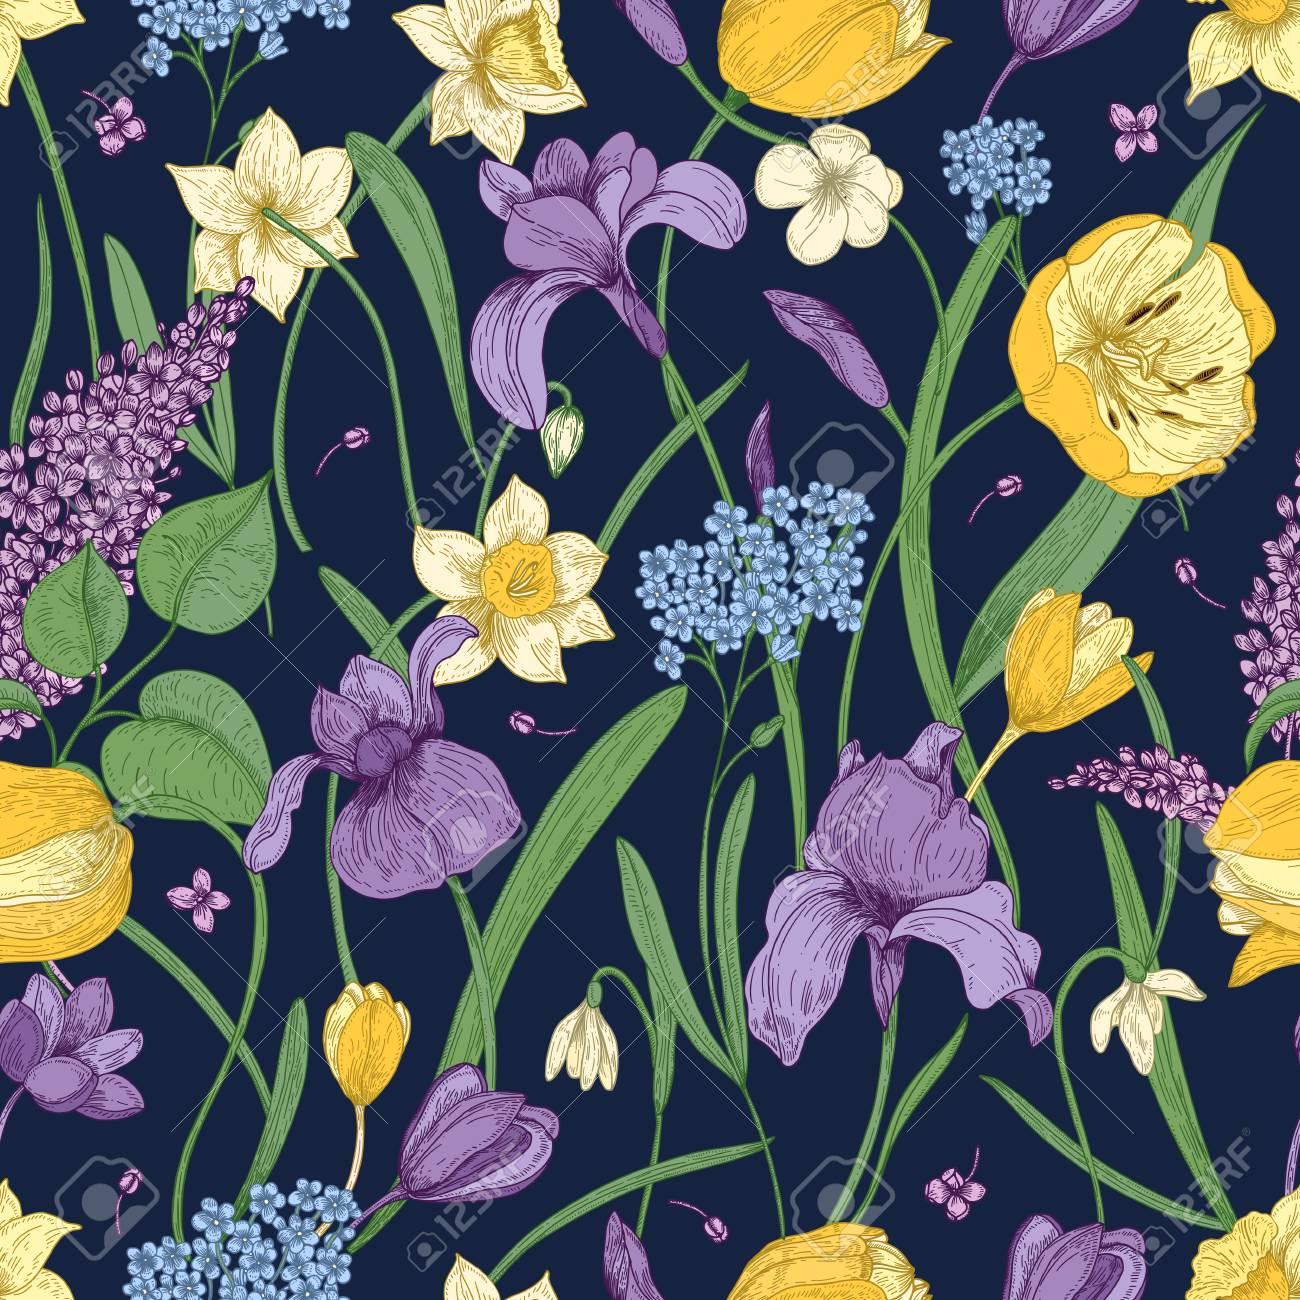 暗い背景の美しい春の花とエレガントな花柄シームレス パターン 豪華